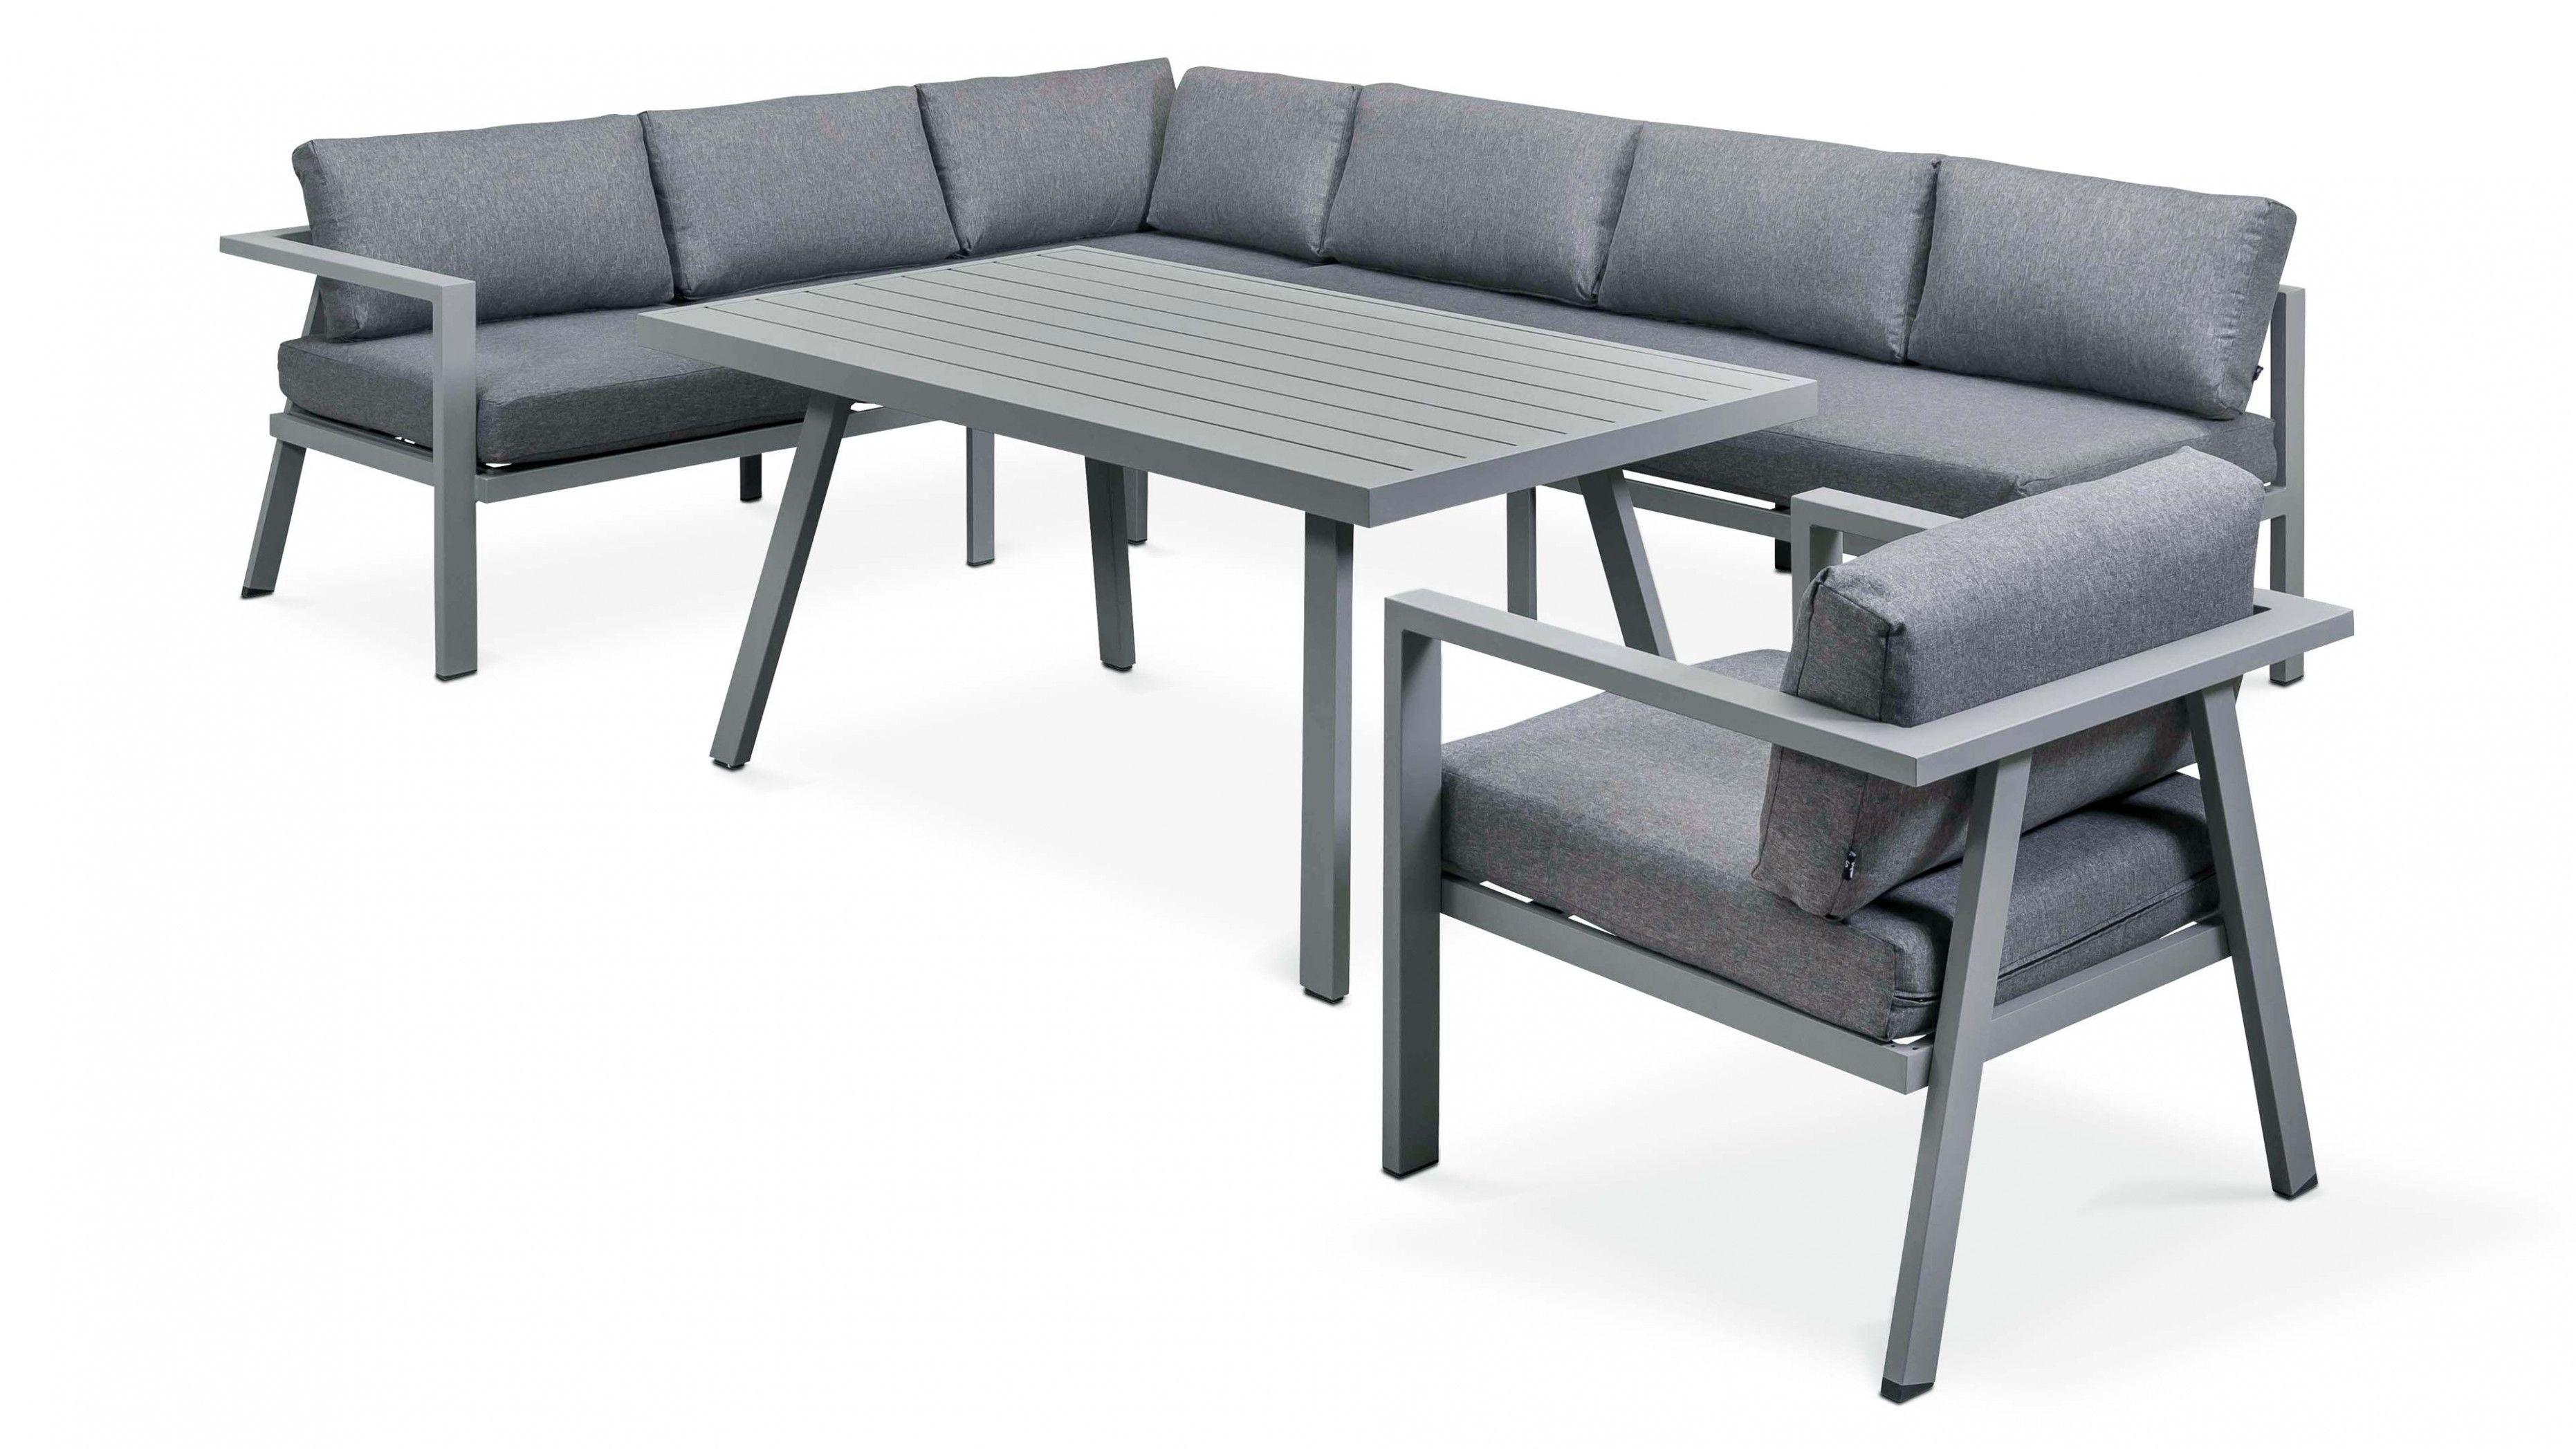 Hyper U Table De Jardin A 20h L Heure Bleue 919 000 A Tva A Facilement Raison De Toute La Vie 667 0 Outdoor Furniture Sets Furniture Sets Outdoor Furniture